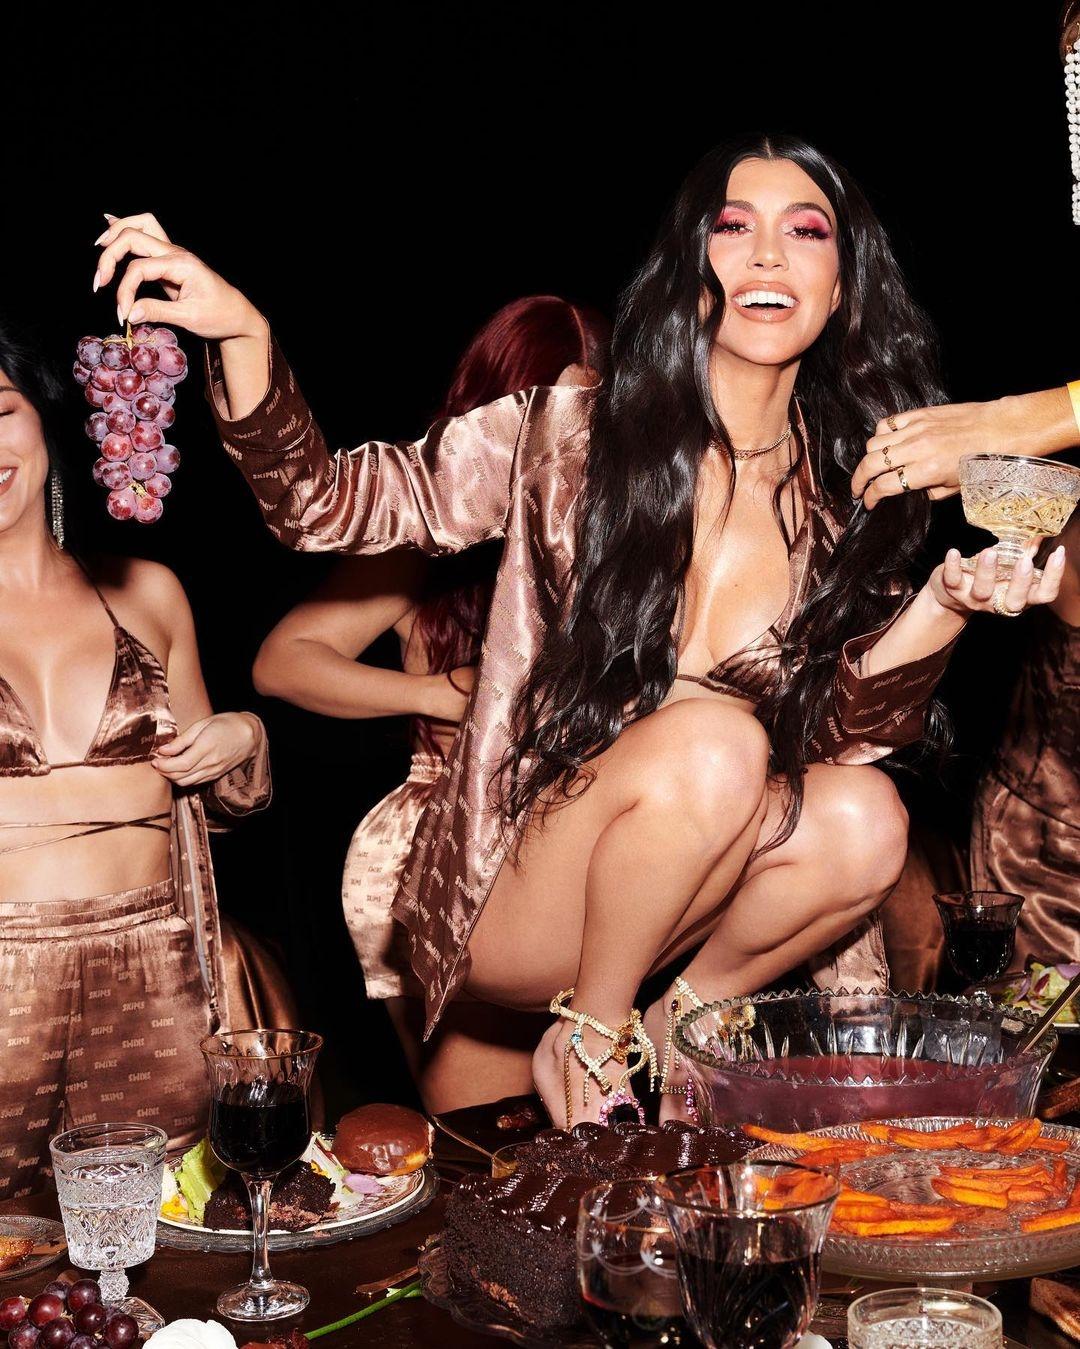 Сестры Кардашьян-Дженнер устроили пижамную вечеринку в новой рекламе Skims (ФОТО) - фото №4